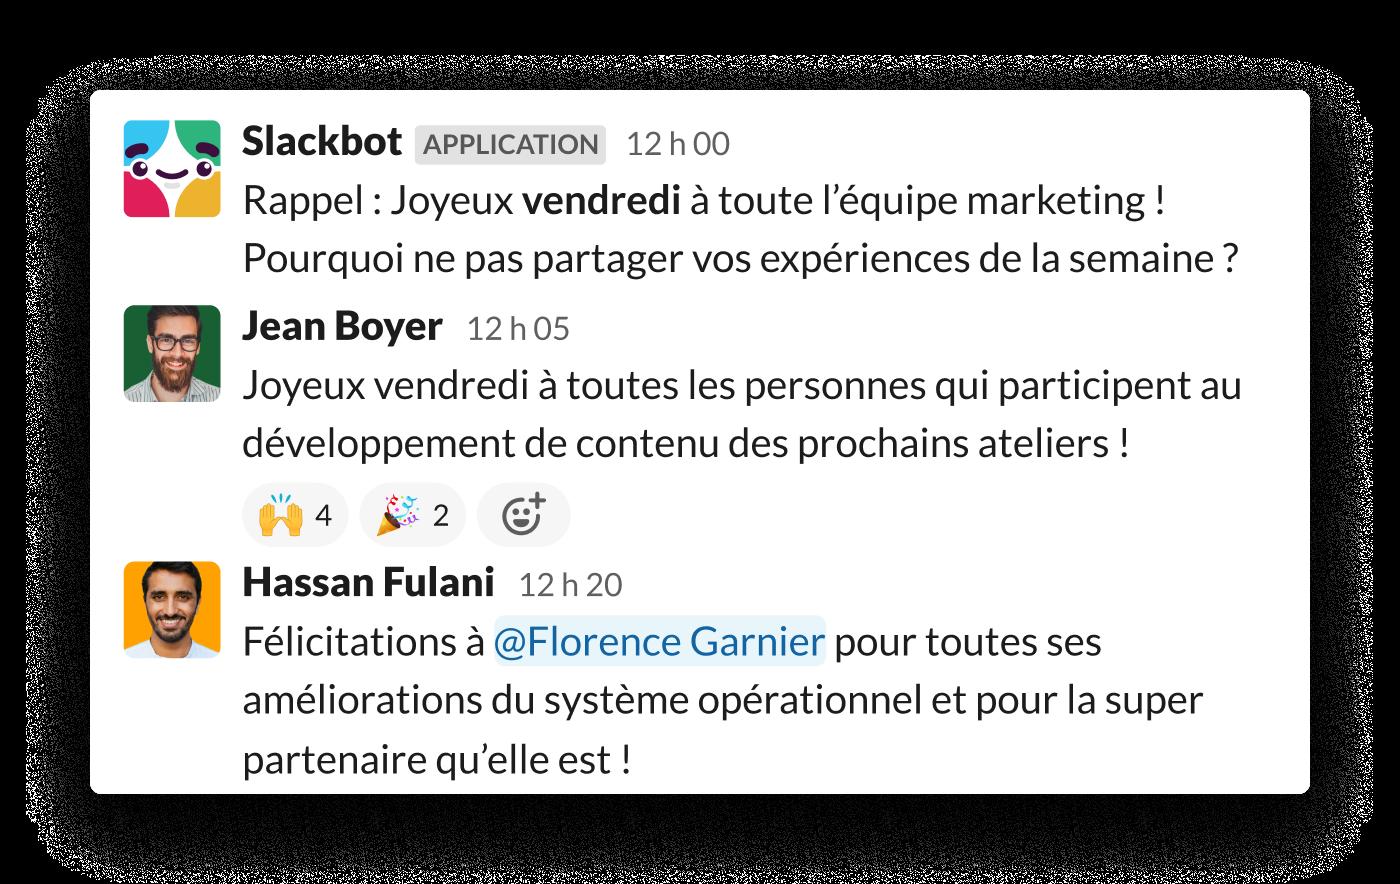 Un message automatique Slack invite les collaborateurs à apprécier le travail de chacun